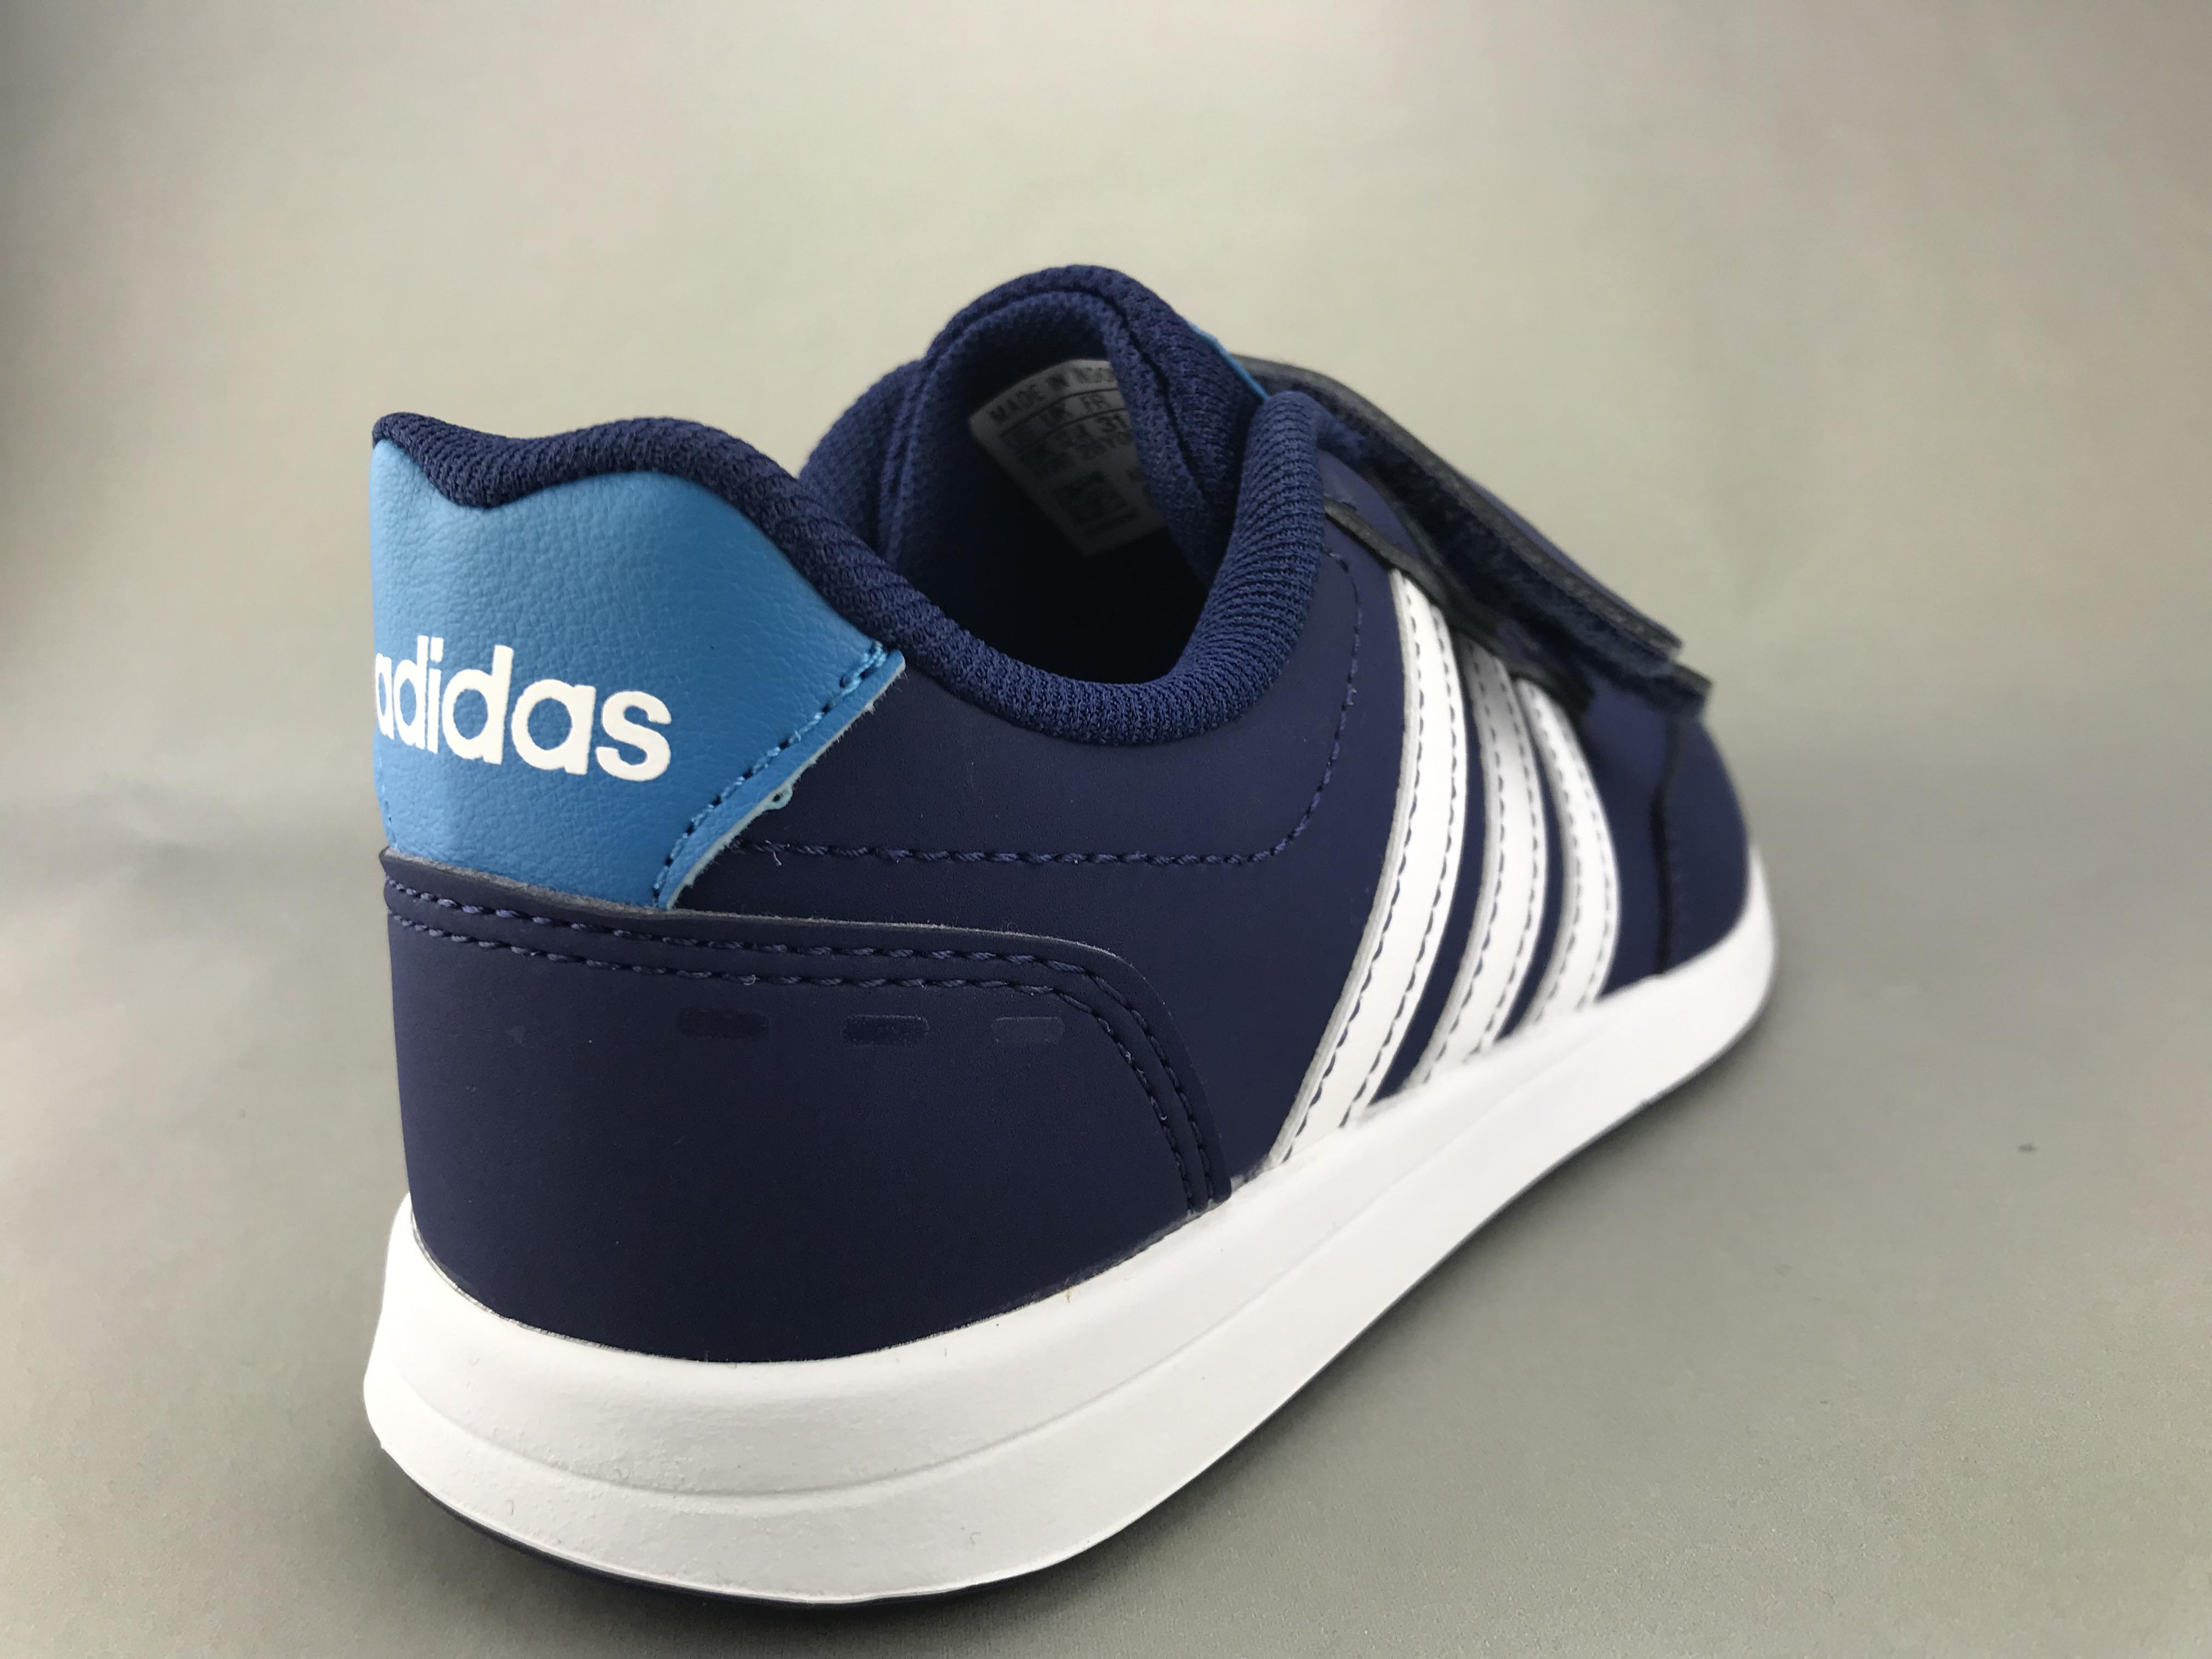 468899801 Adidas børne sneakers - blå